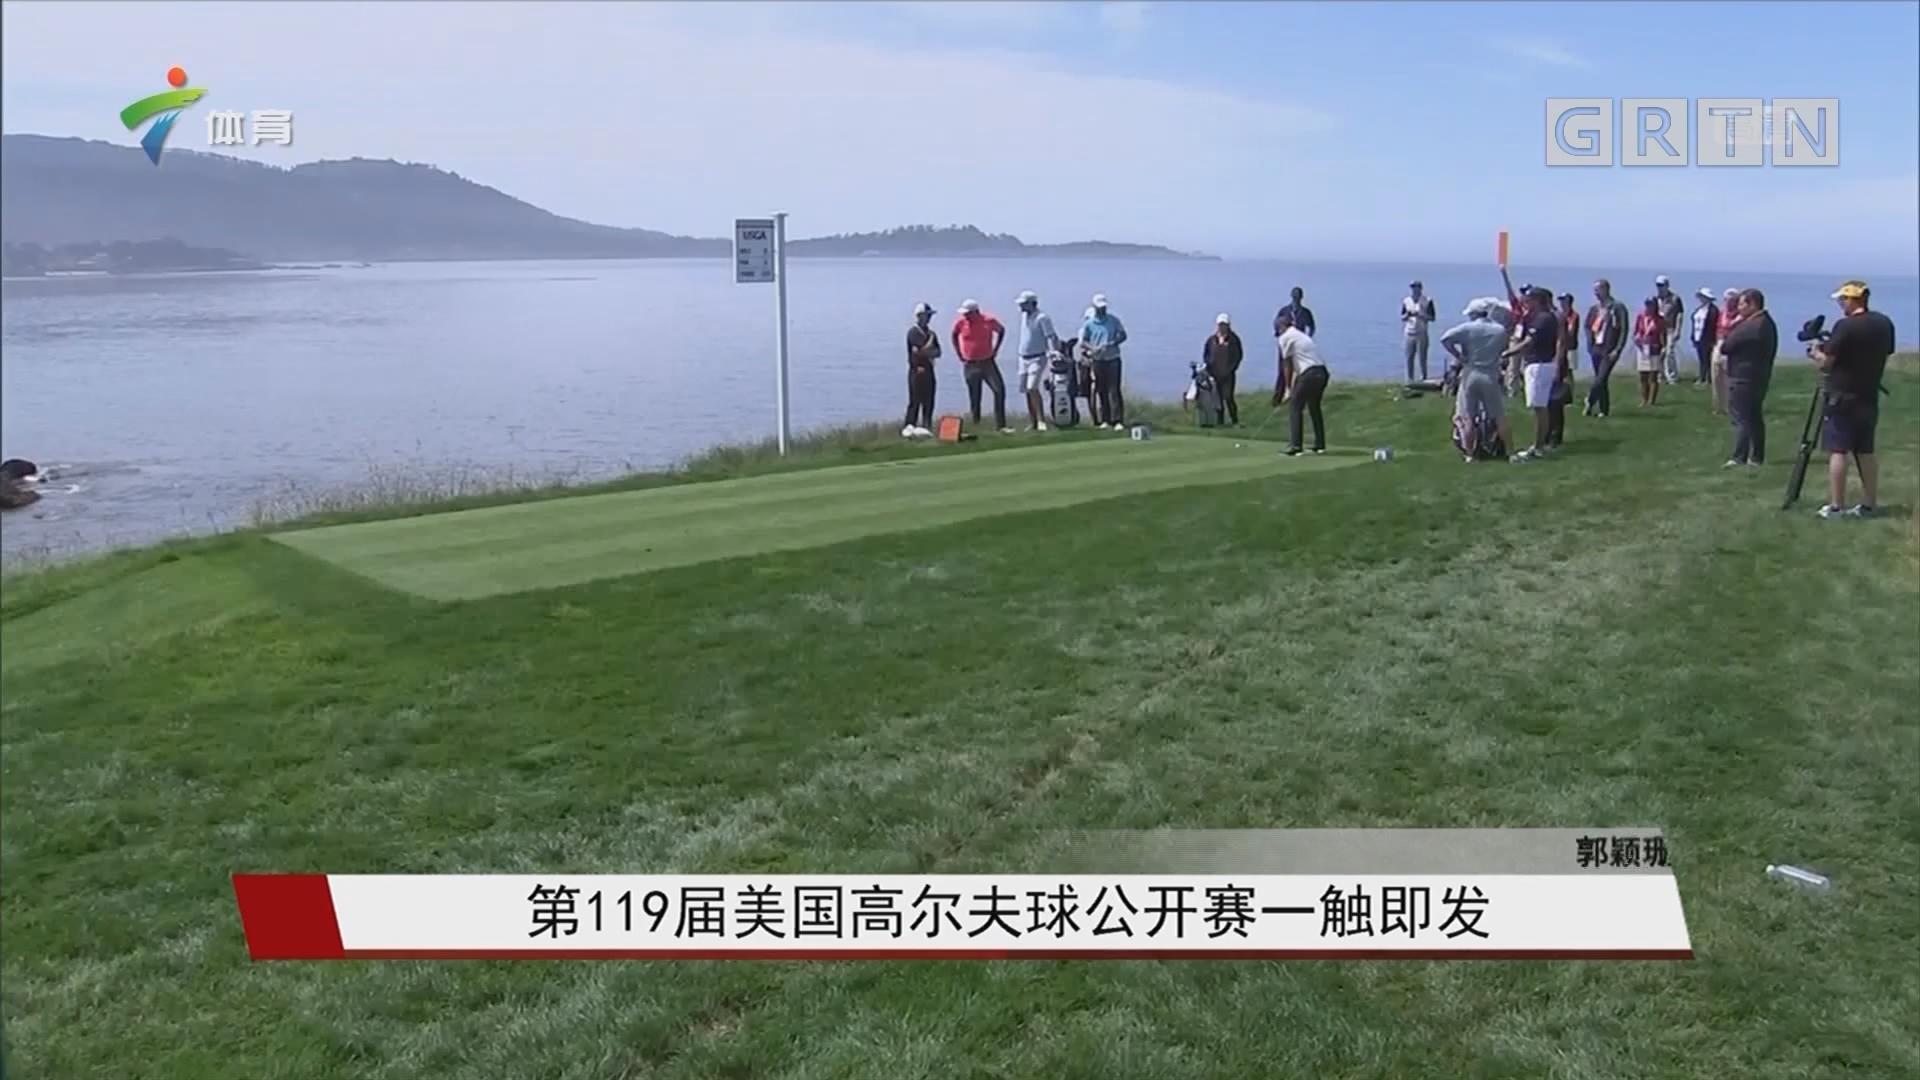 第119届美国高尔夫球公开赛一触即发